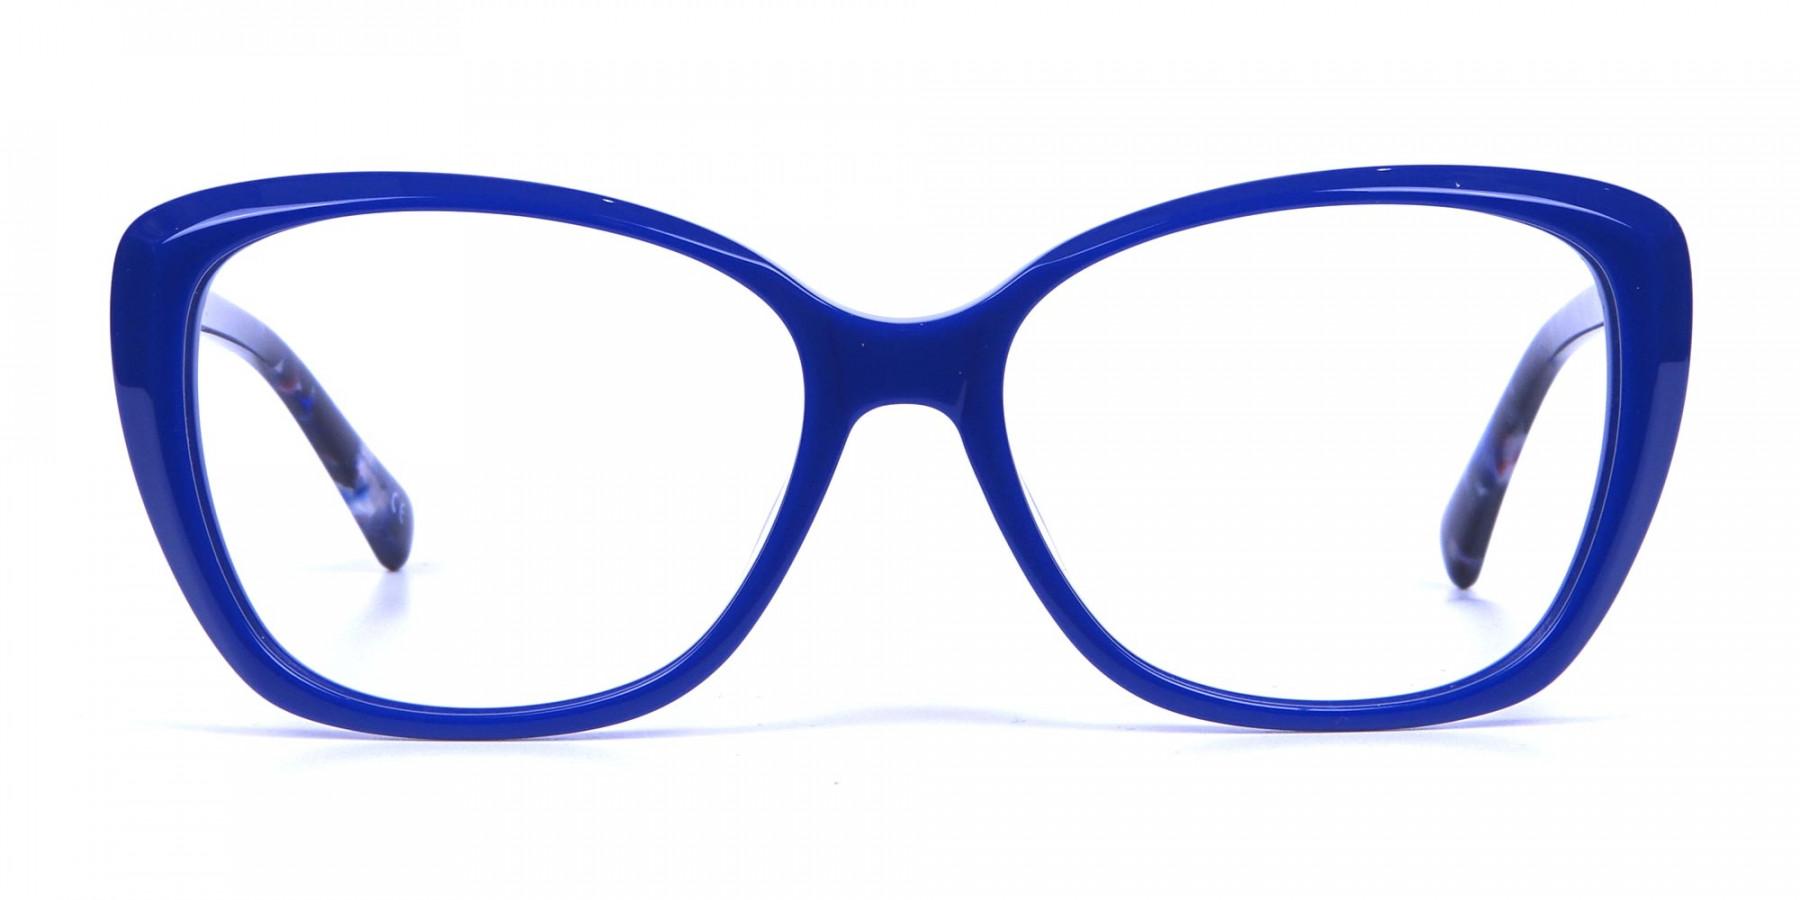 Royal Blue Cat Eye Glasses for Women